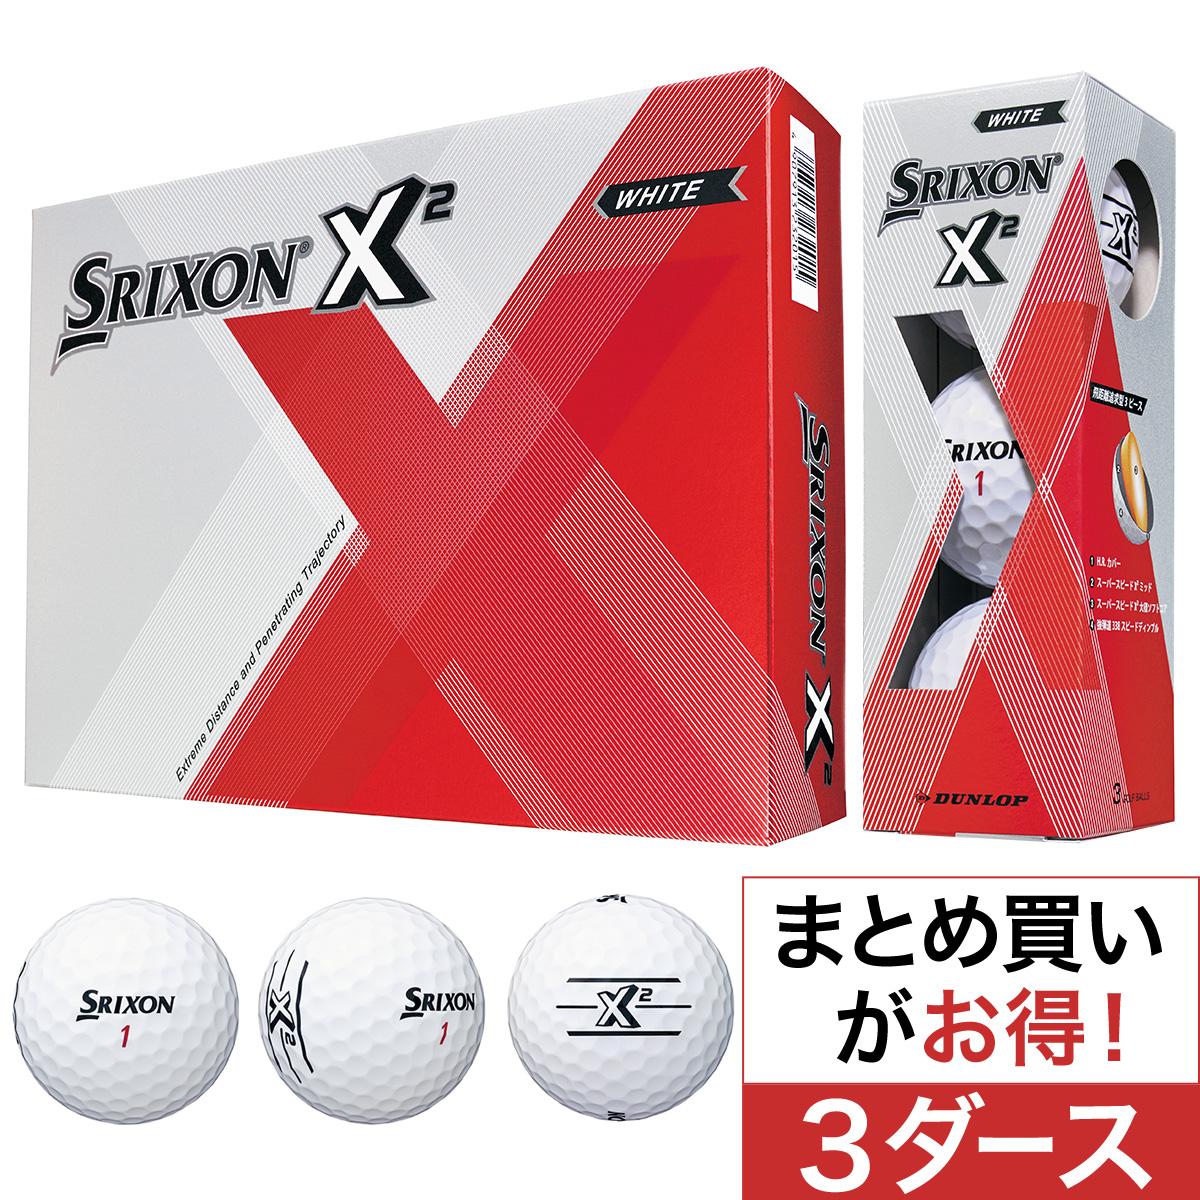 スリクソン X2 ボール 3ダースセット